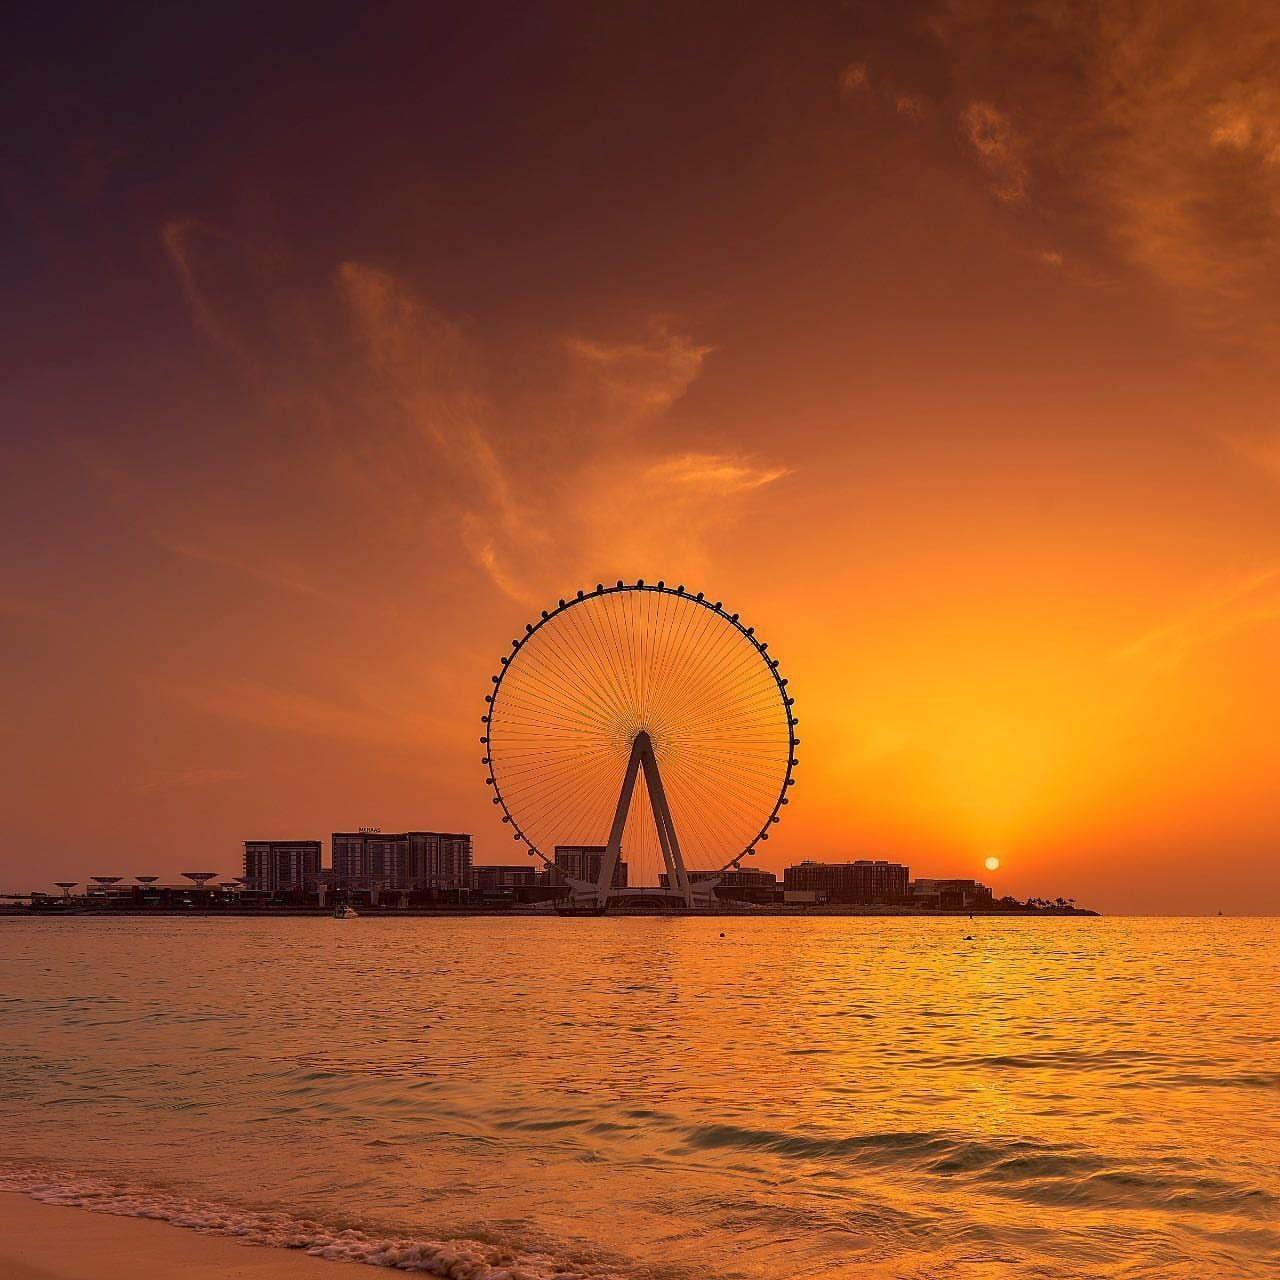 نمایی از بلندترین چرخ و فلک جهان در دبی با ۲۵۰ متر ارتفاع